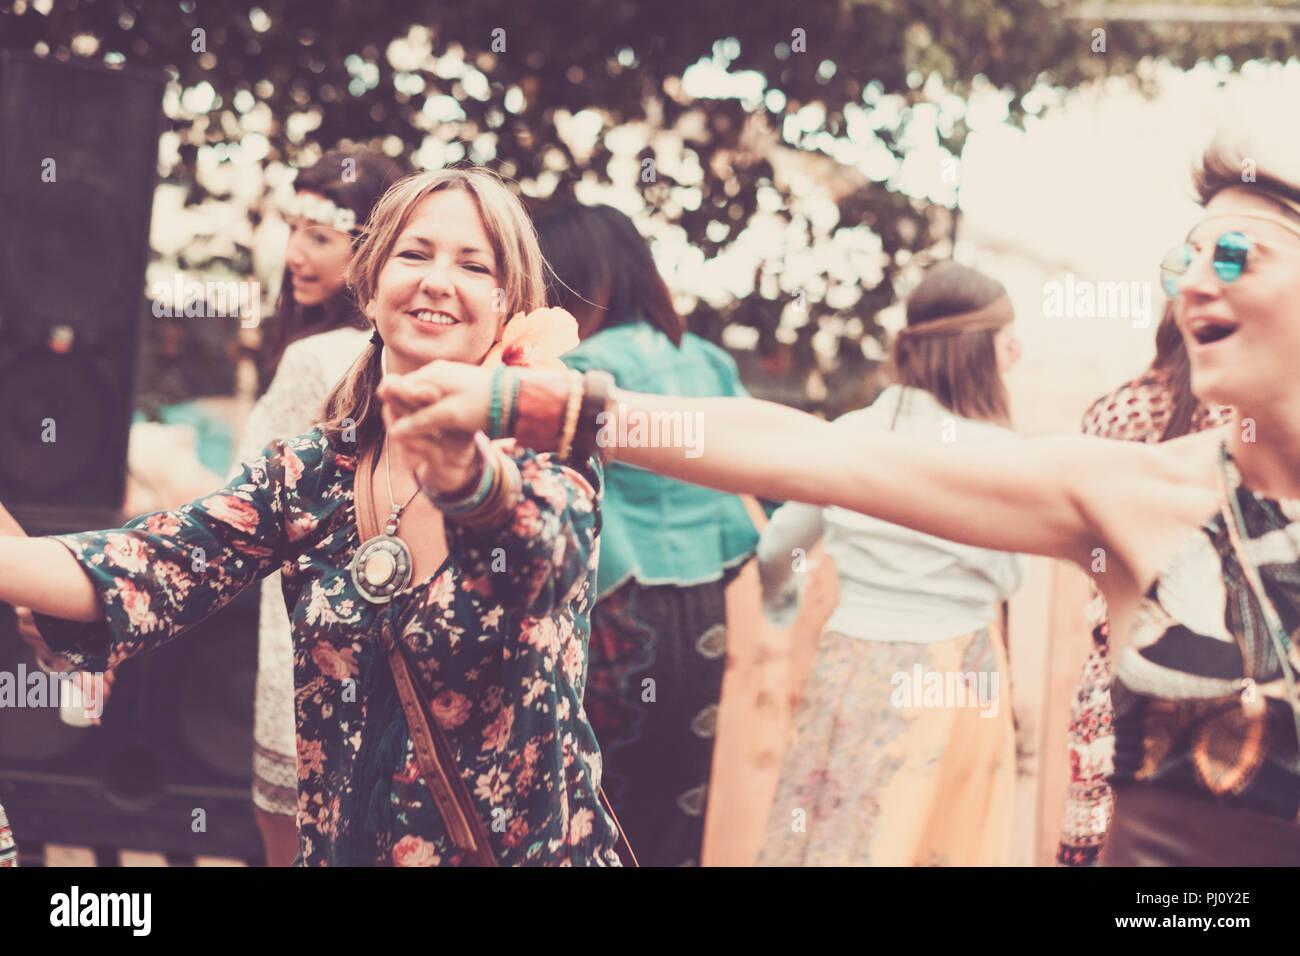 Giovani donne e ragazze in amicizia tutti insieme per celebrare e divertirsi in un bio luogo naturale. sorrisi e ridere per gruppo di hippies persone al Foto Stock